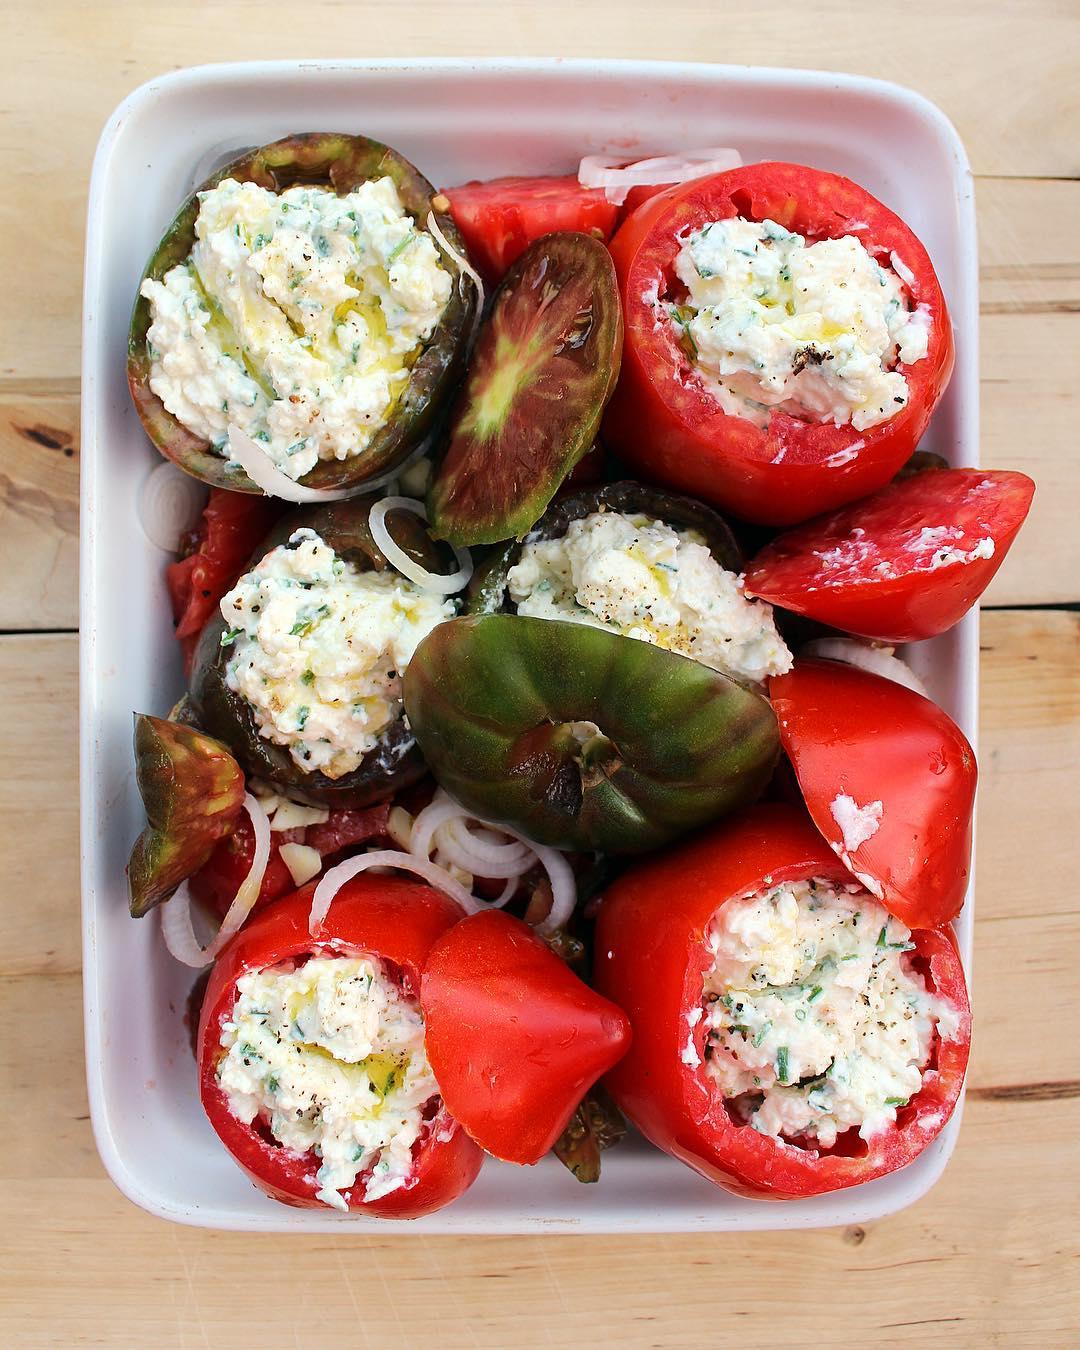 ... et BAM ? Même toi tu peux faire ça ??Tomates mozza, ricotta et ciboulette ?❤️... la recette sur le blog! ➕ POTAGER CITY • livraison légumes et fruits extra-frais . ??? Article sur le blog (lien direct dans ma bio)  ______________ #potagercity #livraison #fruits #legumes #panier #healthy #healthyfood #food #blogfood #foodblog #foodblogger #pintademontpellier #montpellier #circuitcourt #blogfood #food #foodporn #foodblogger #foodphotograpy